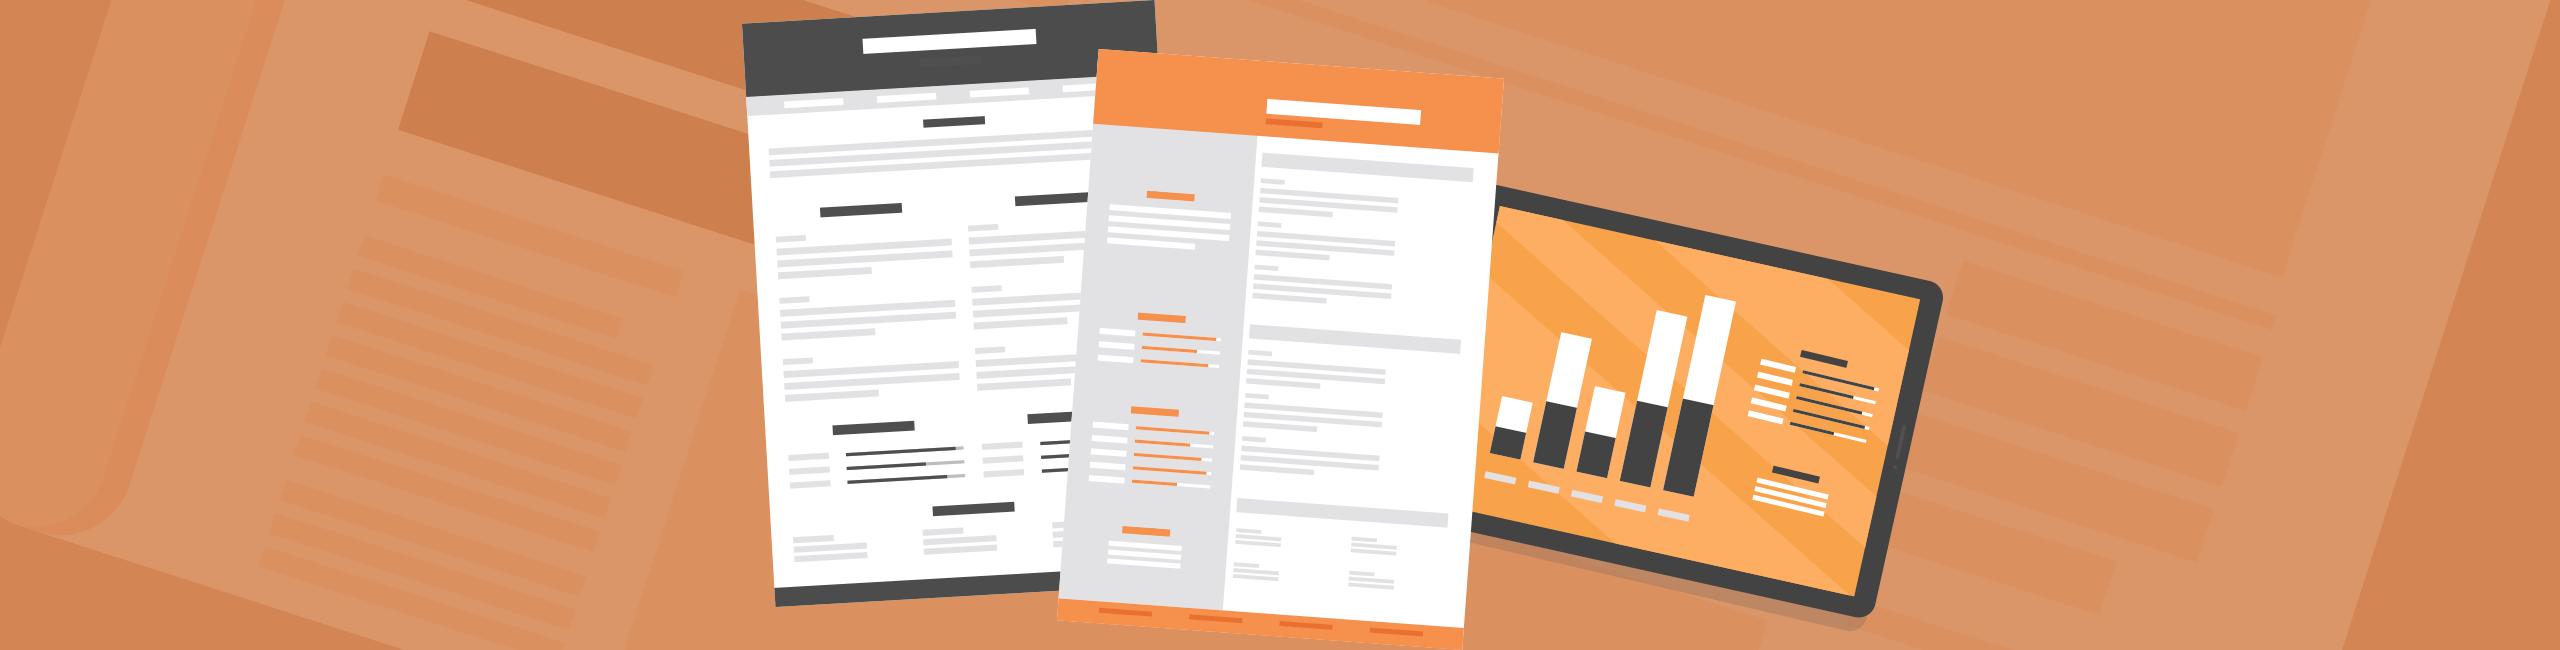 Como Elaborar Um Relatório De Auditoria Interna De Alto Impacto